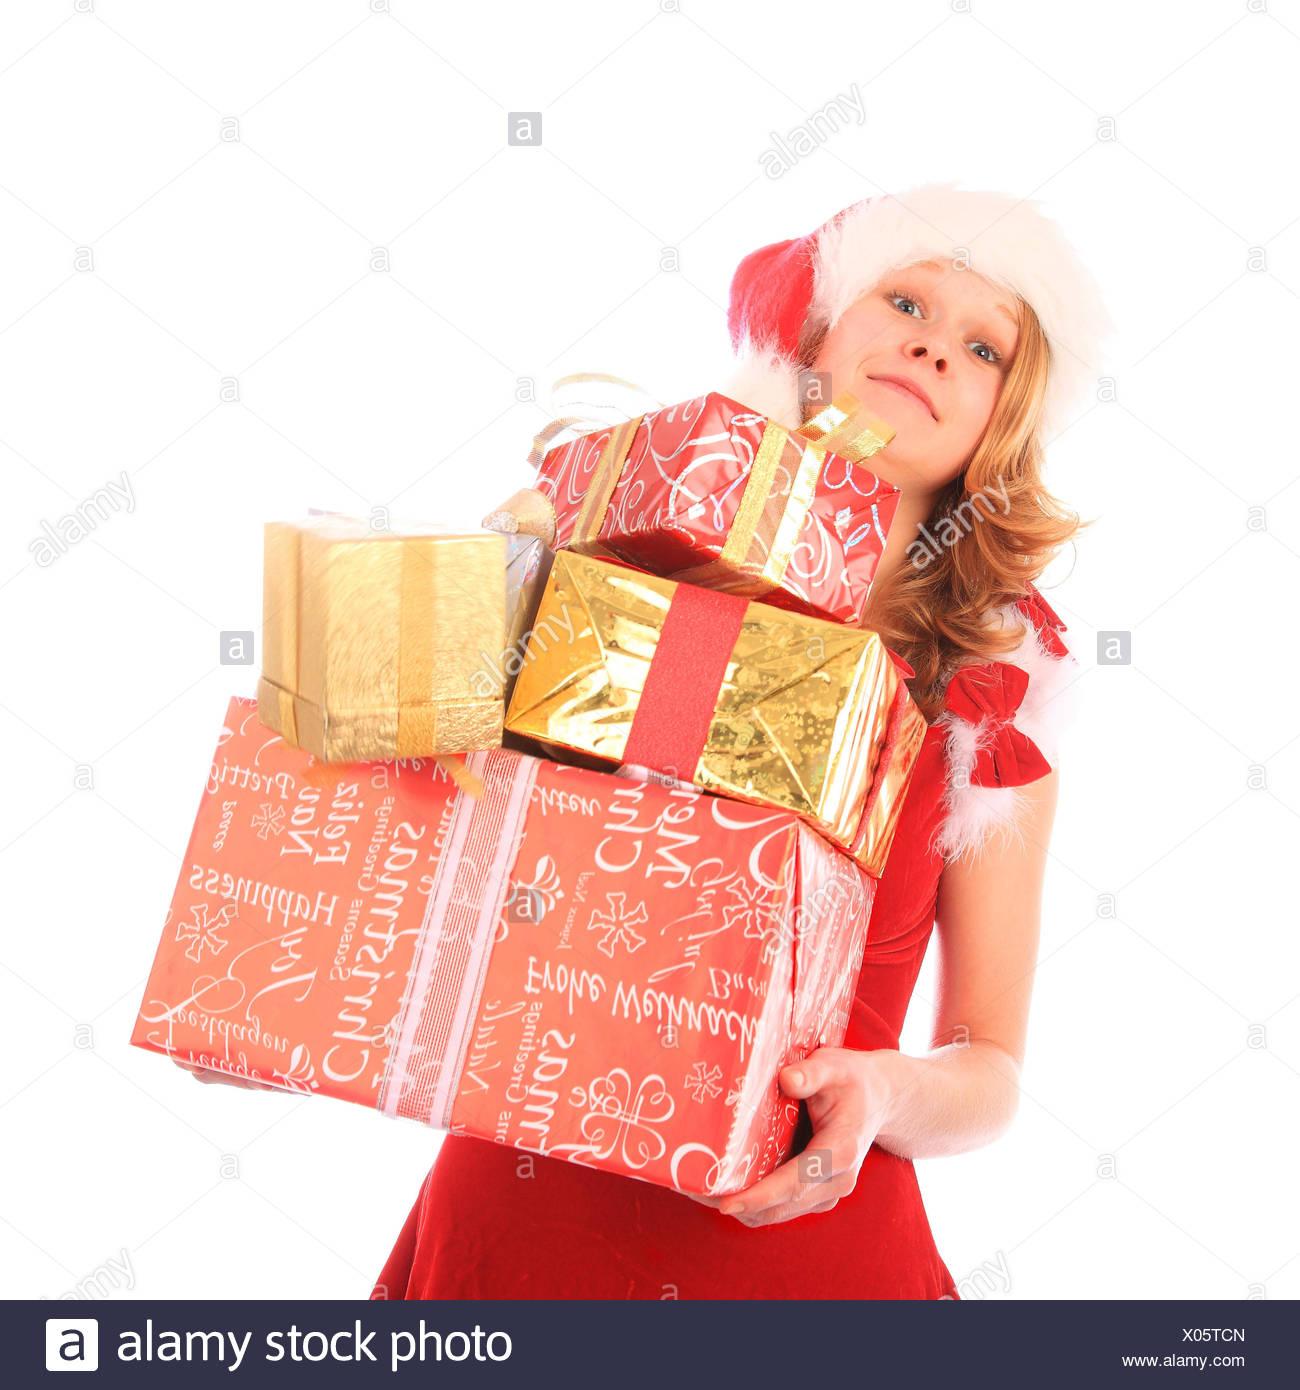 Frauen Geschenke Weihnachten.Frau Frauen Weihnachtsgeschenke Geschenke Madchen Madchen